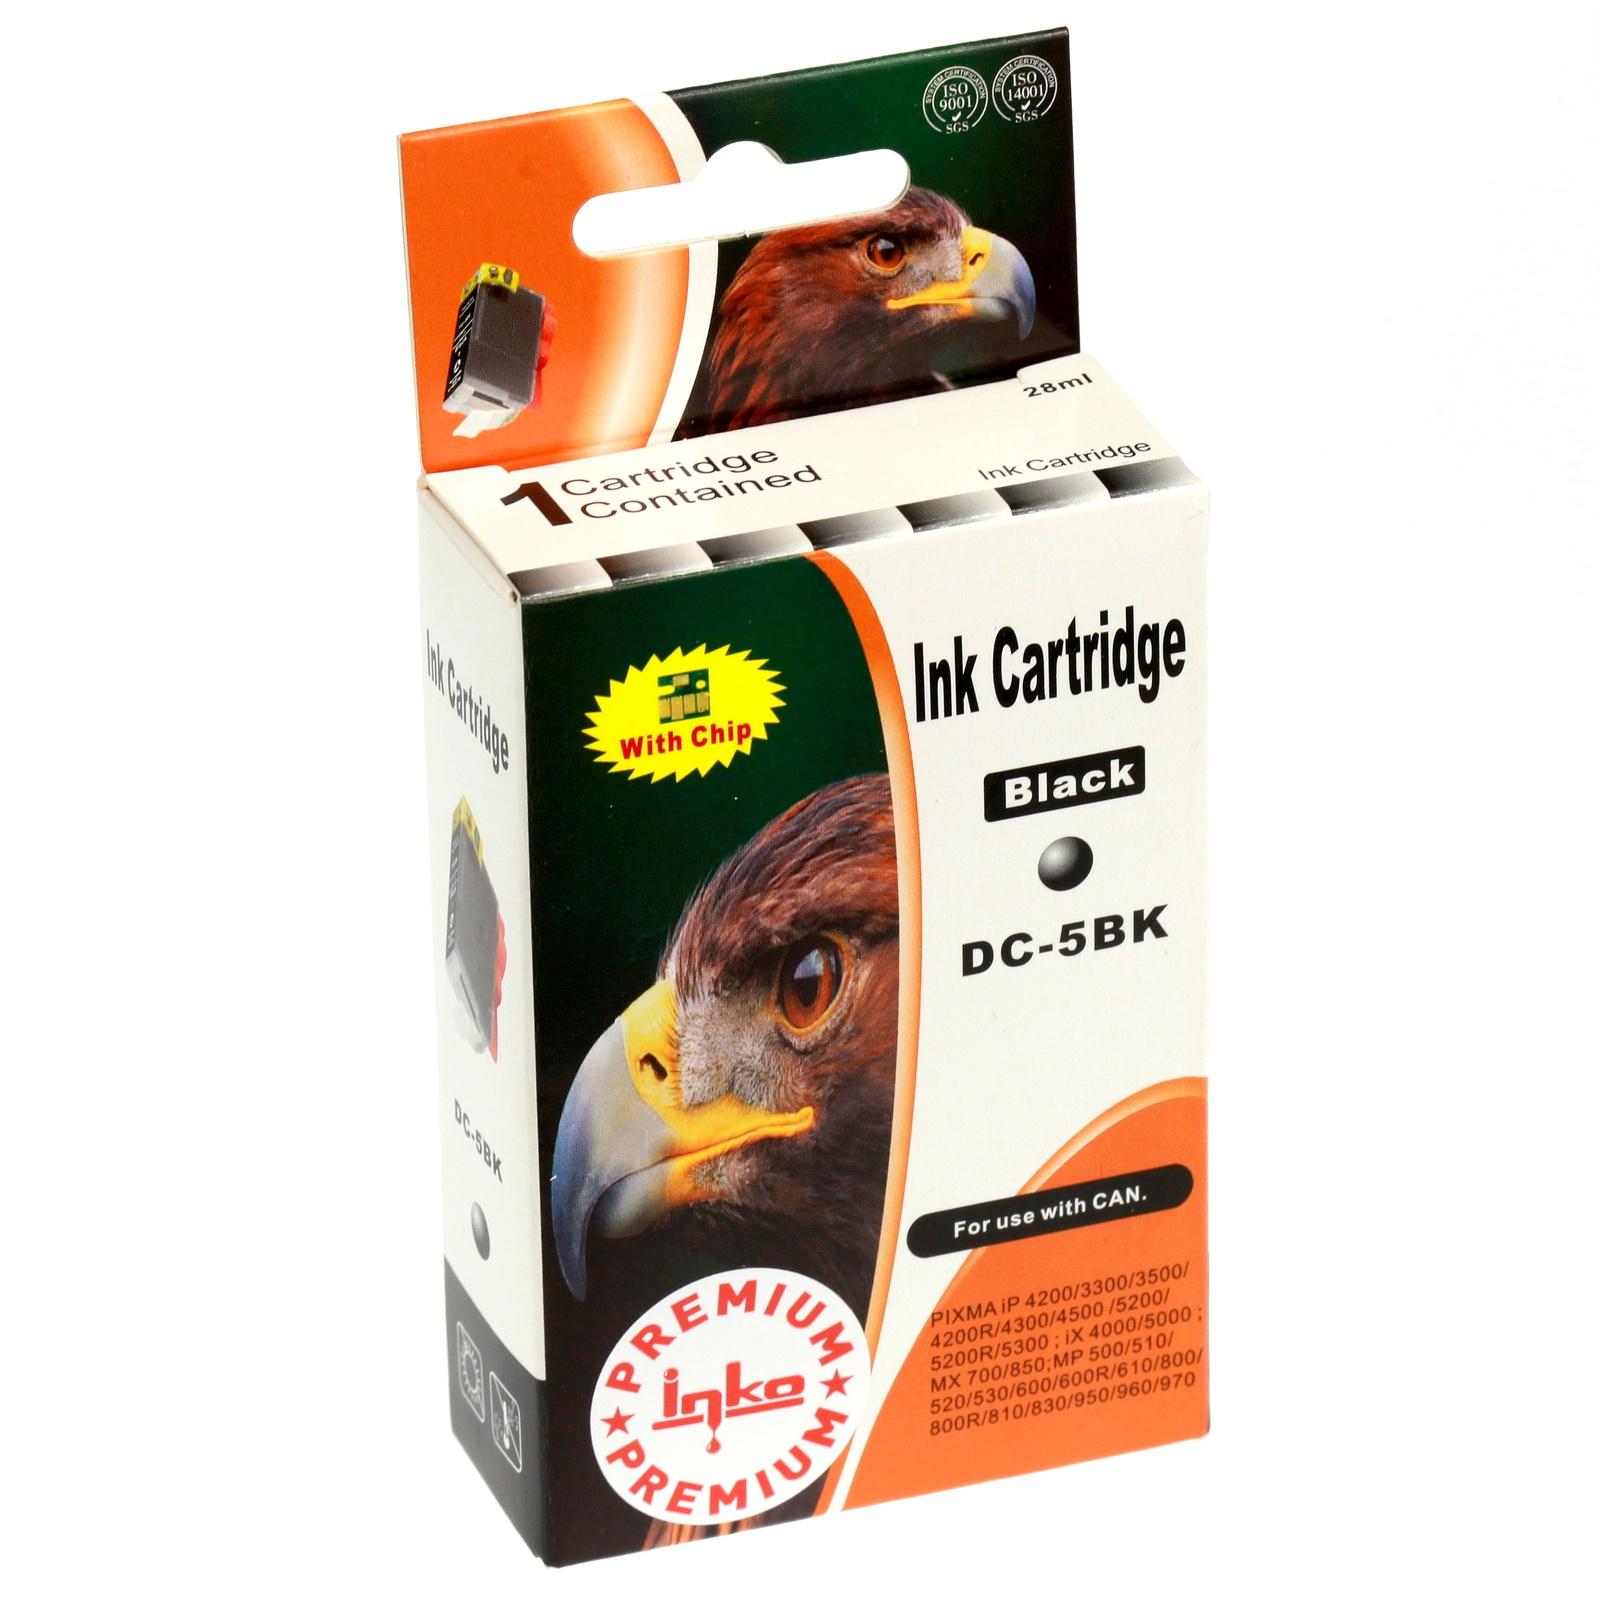 Картридж Inko для PGI-5BK Черный картридж canon pgi 5bk twin pack для pixma mp800 mp500 ip5200 ip5200r ip4200 черный двойная упаковка